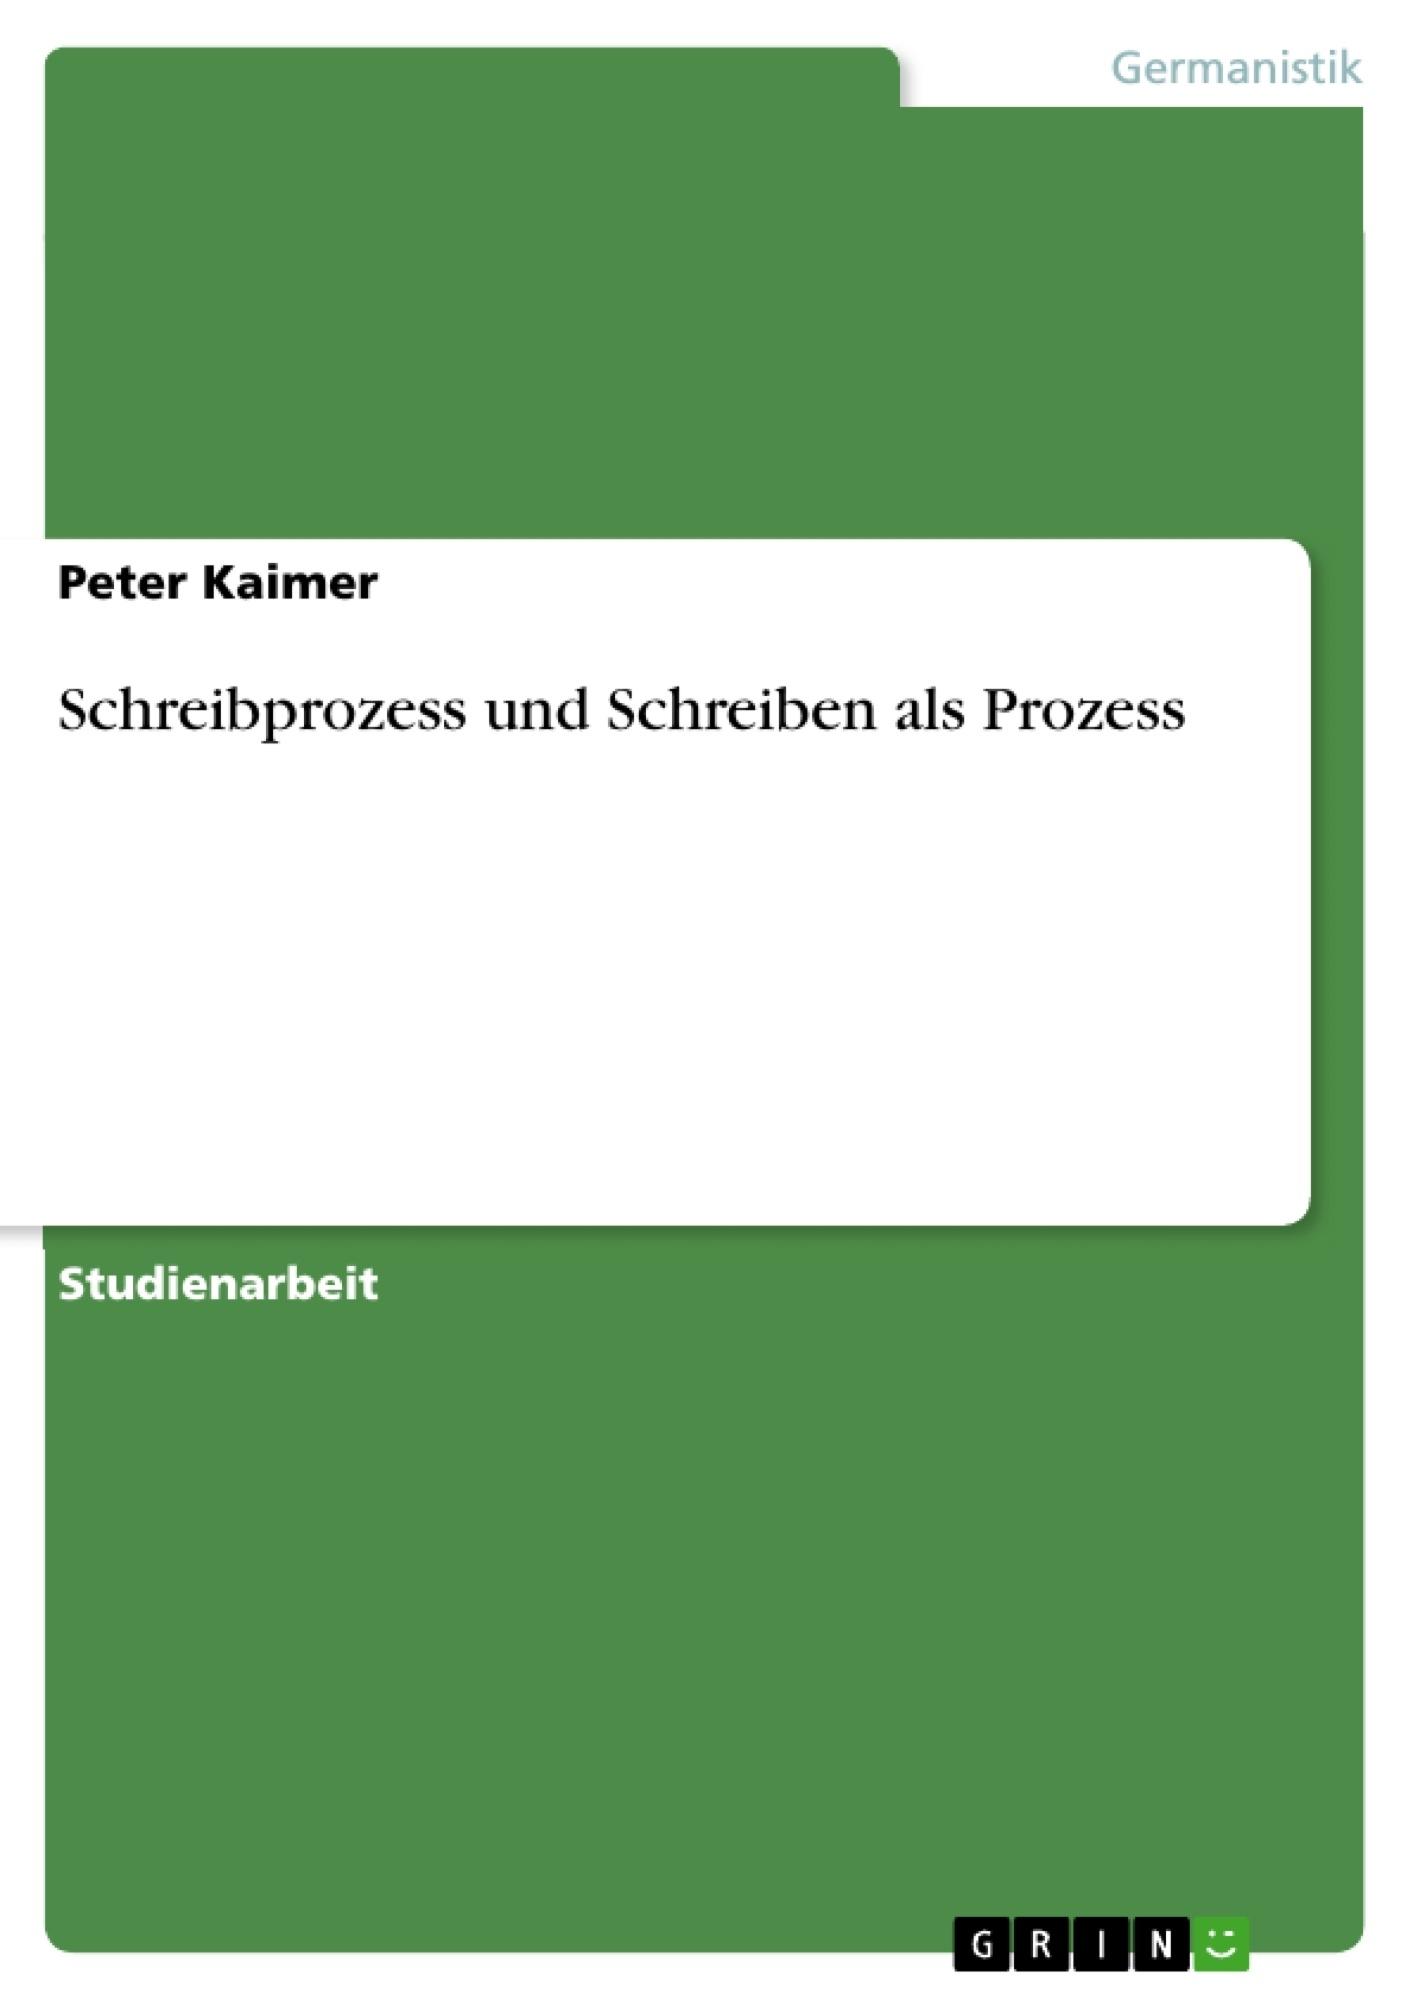 Titel: Schreibprozess und Schreiben als Prozess